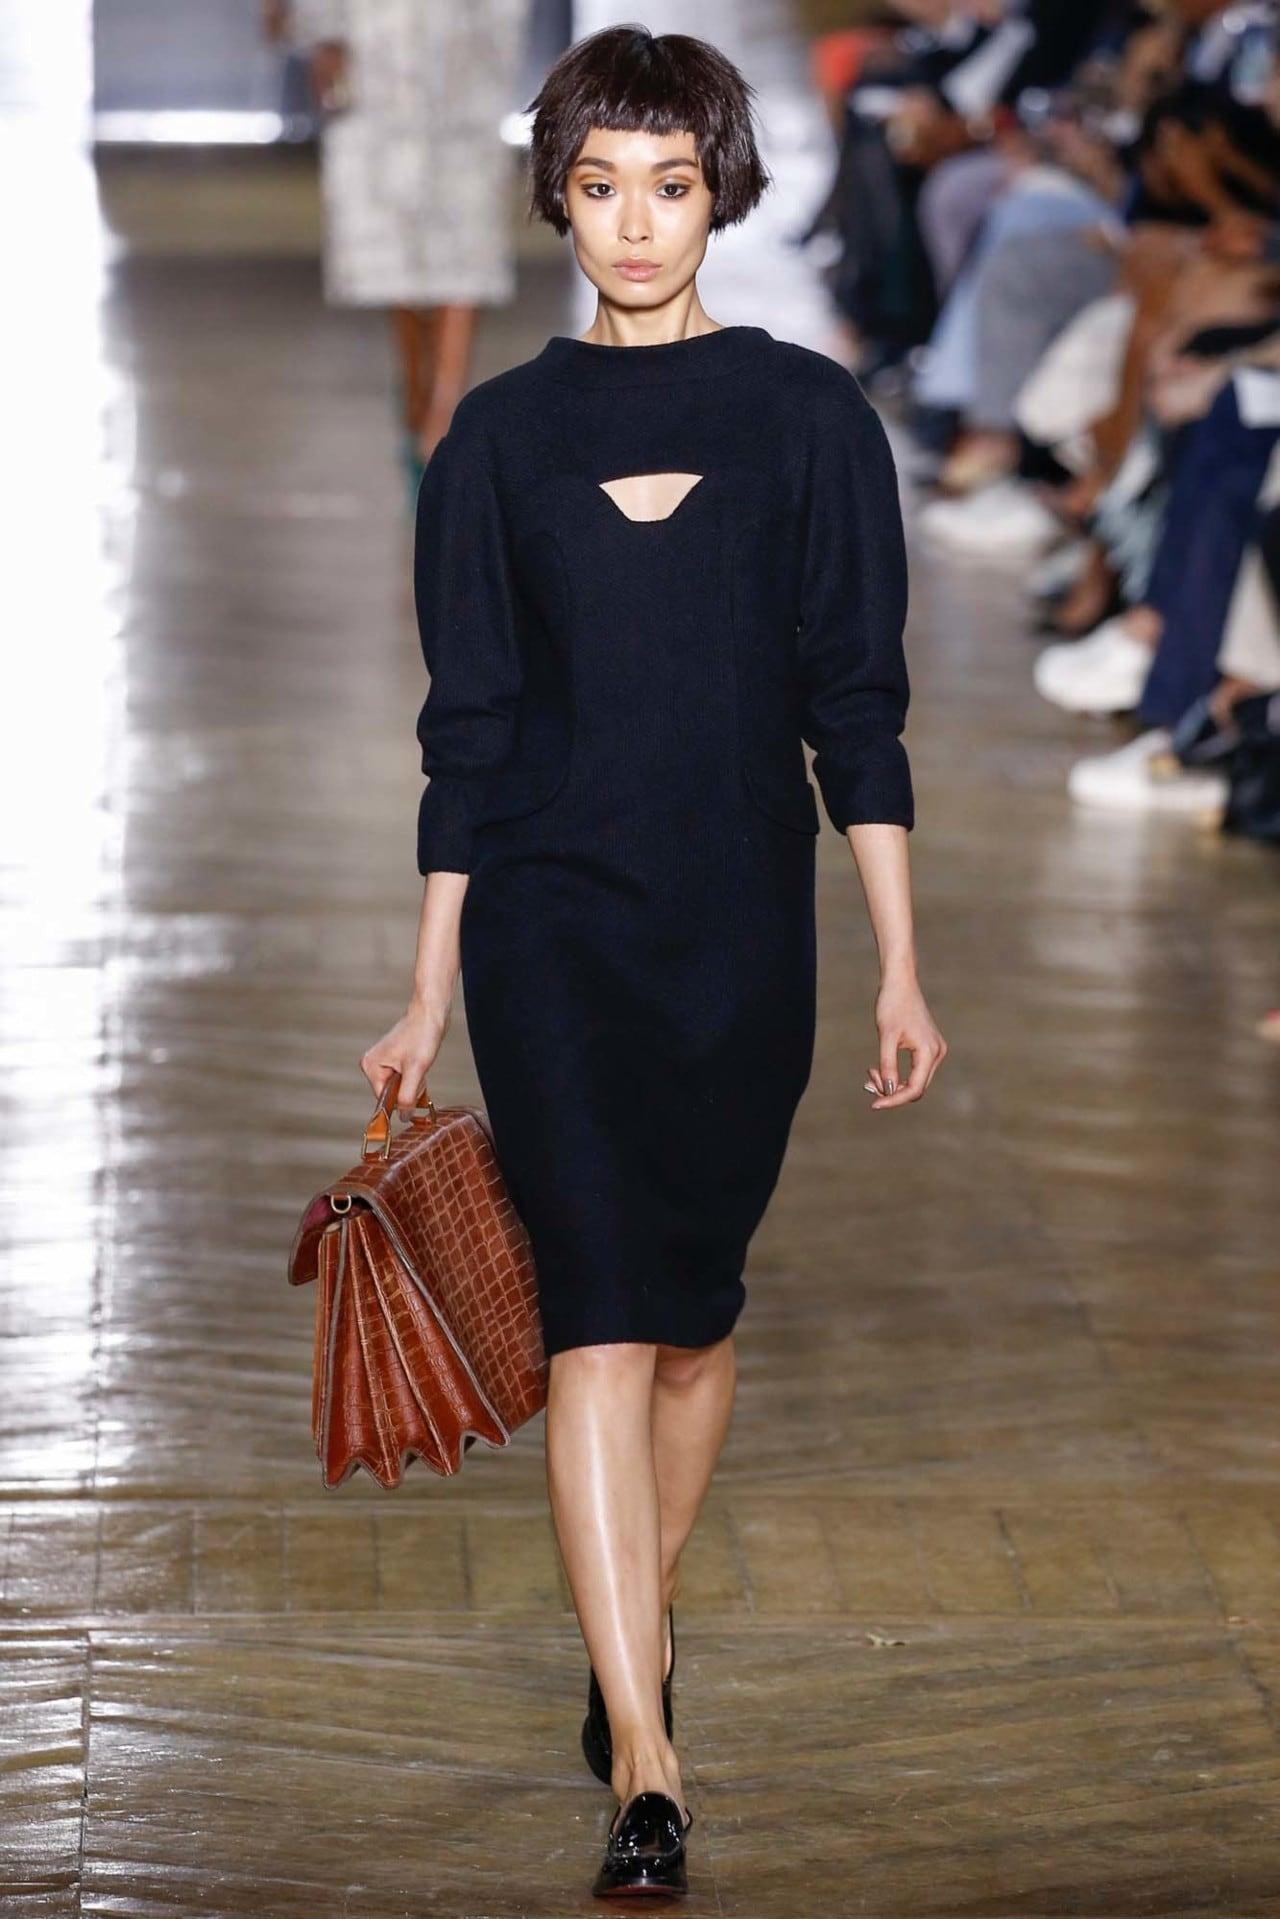 Ulyana Sergeenko haute couture autumn/winter '16/'17